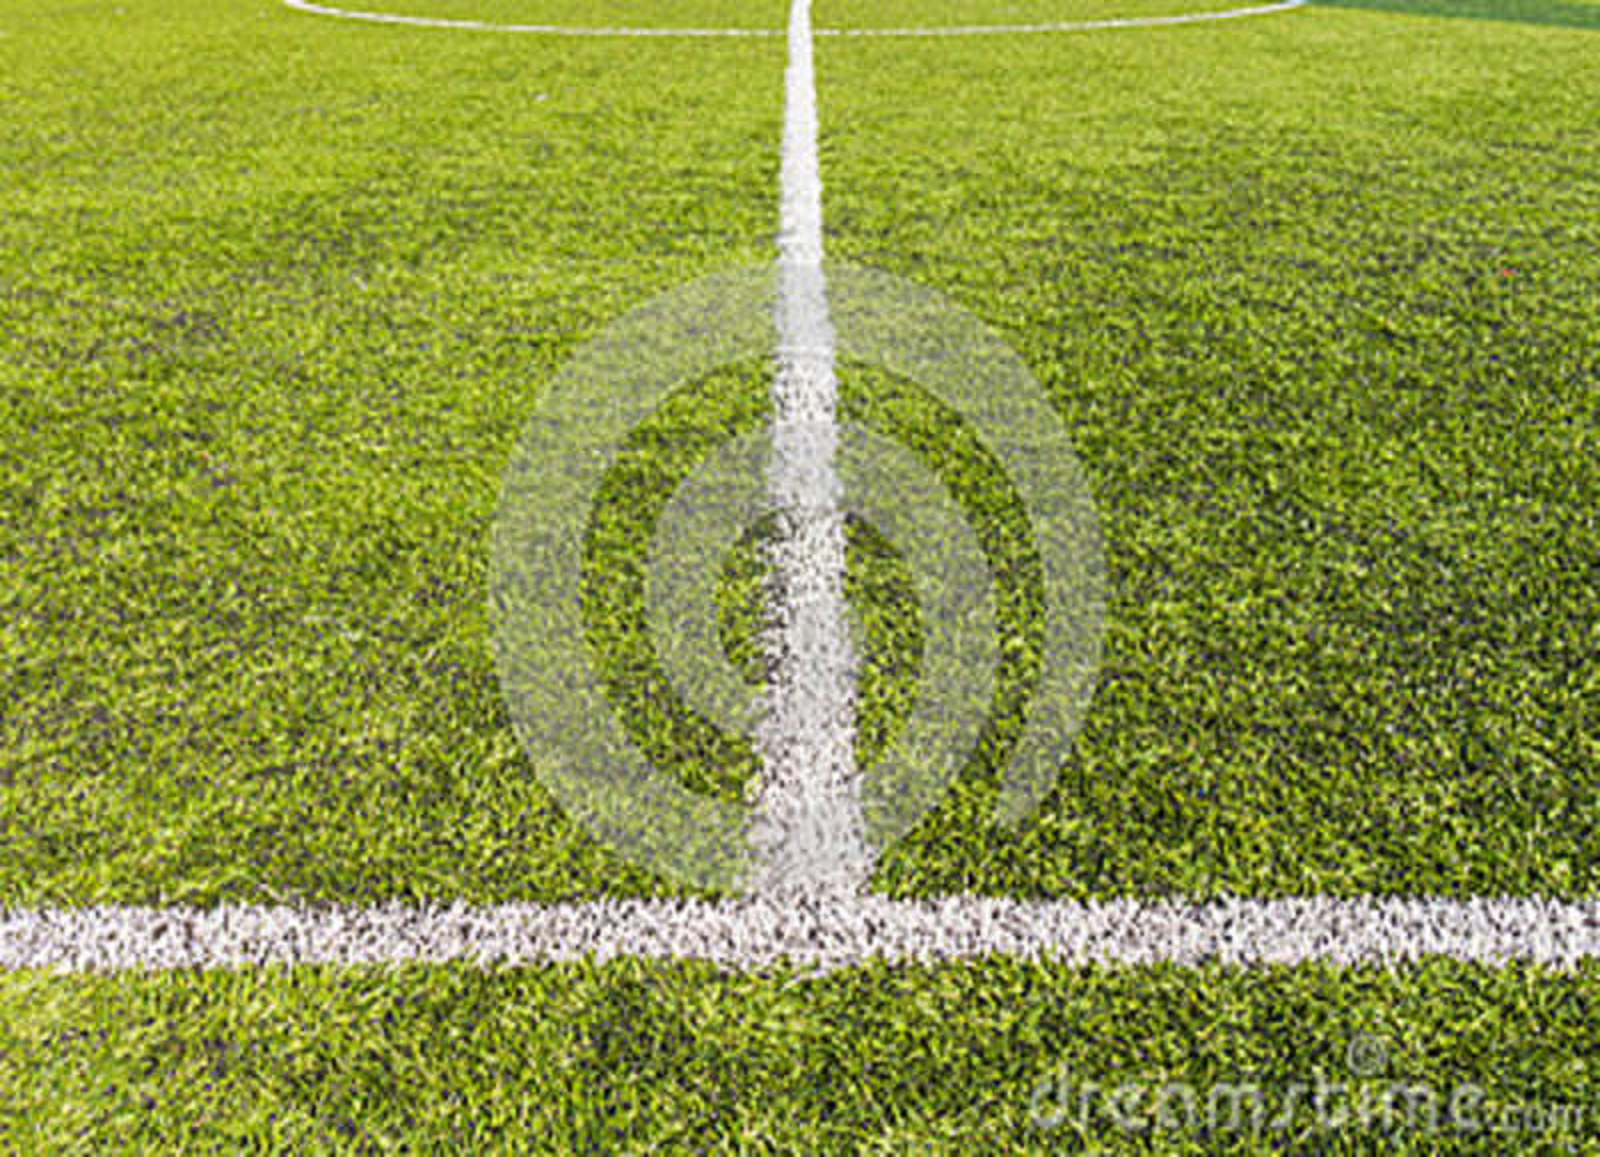 Passo artificial do futebol da grama